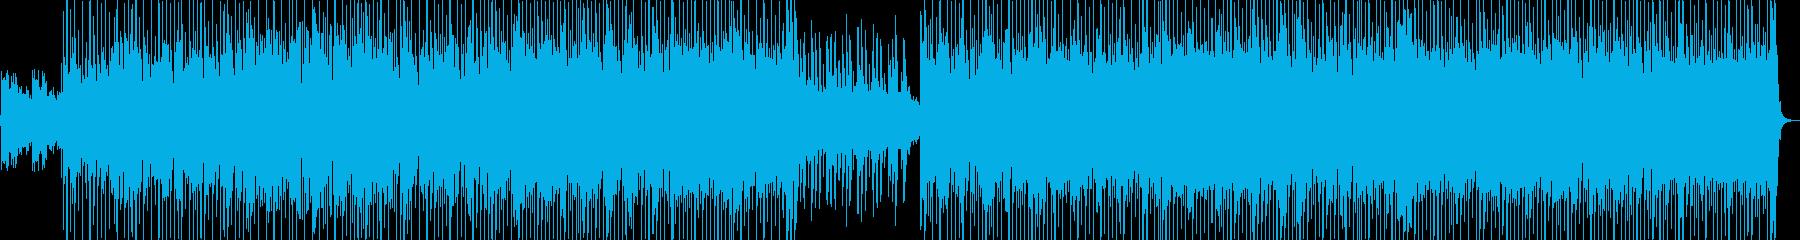 おしゃれなピアノ・シンセなどポップの再生済みの波形